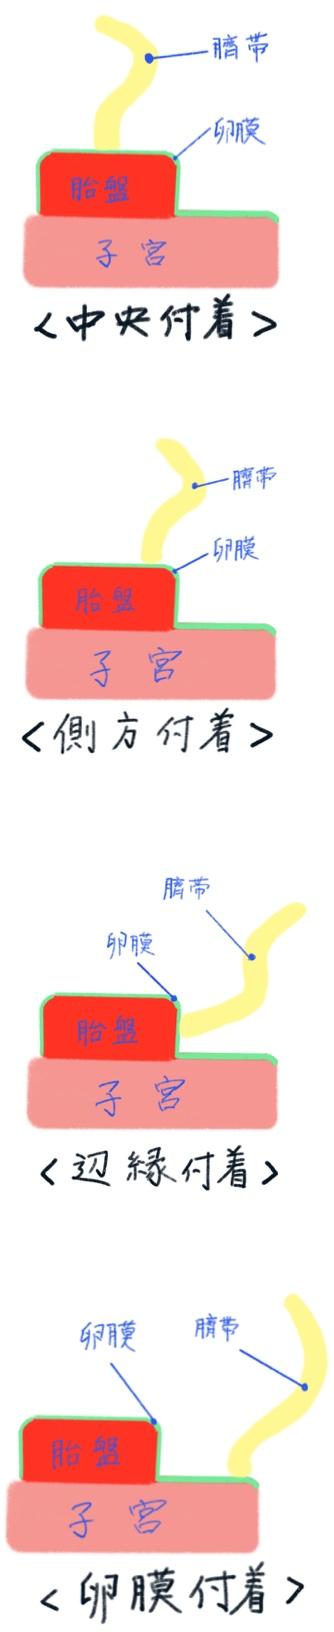 臍帯付着位置(中央、側方、近縁、卵膜)